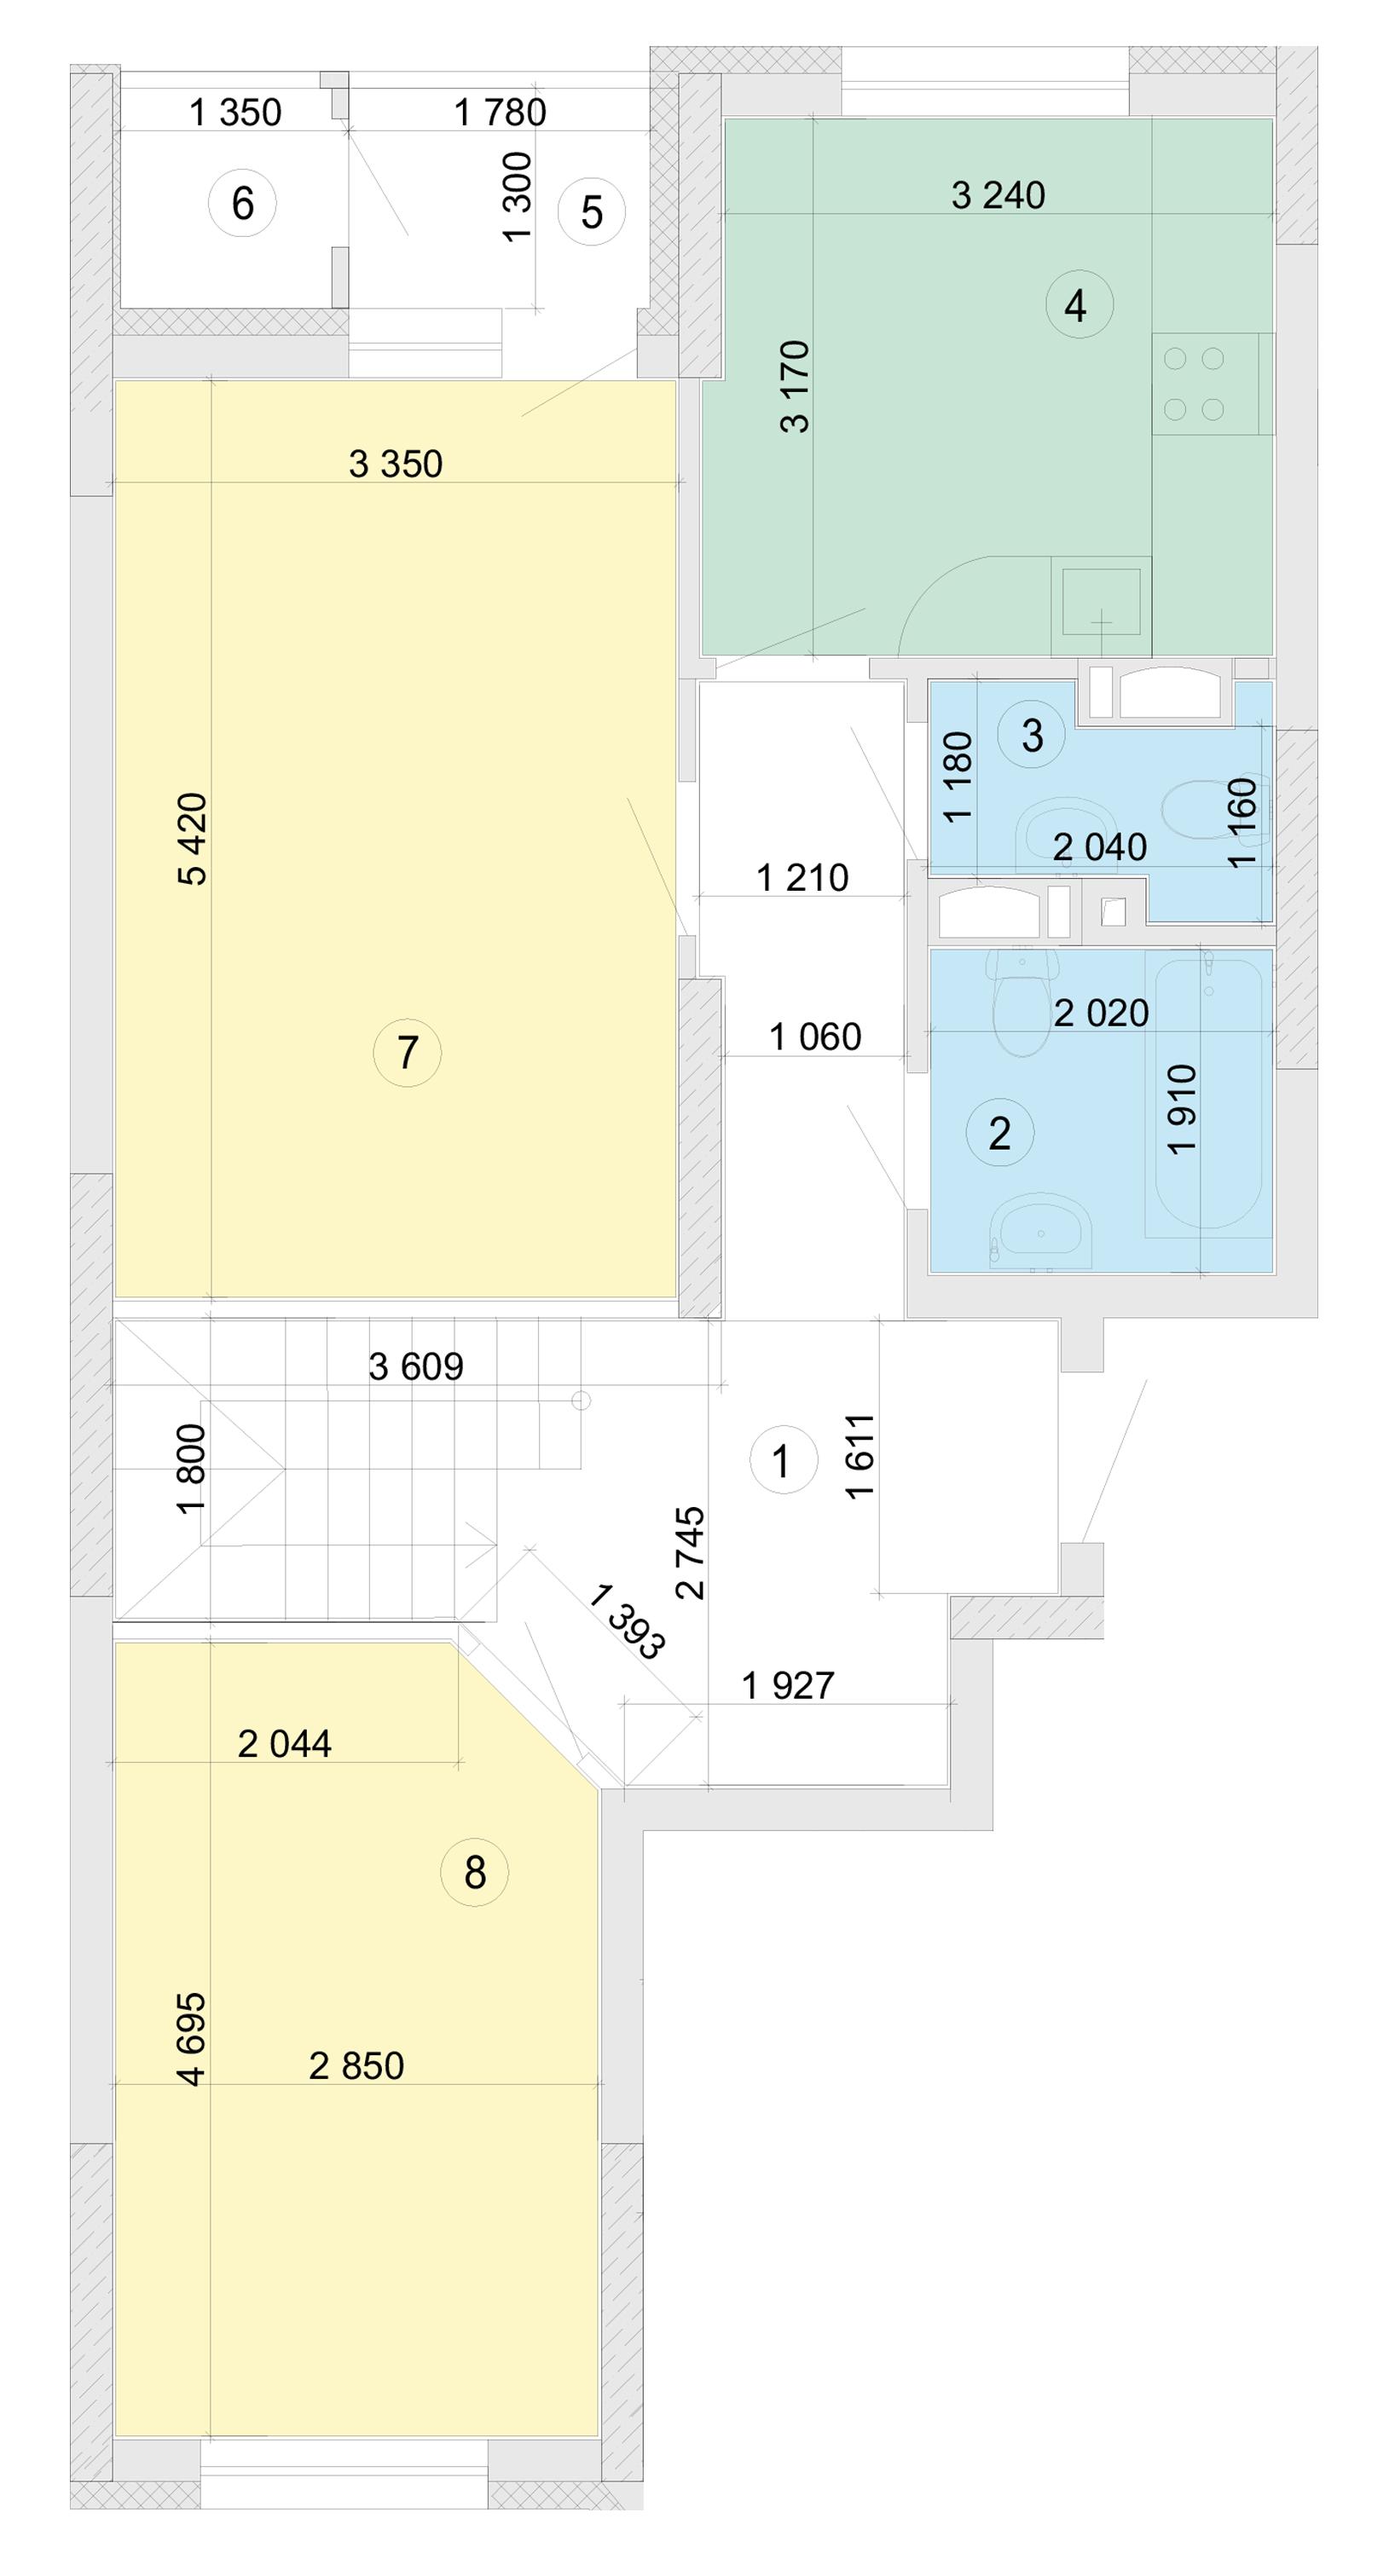 Купити Дворівнева квартира 87,7 кв.м., тип П4, будинок 2, секція 5 в Києві Голосіївський район